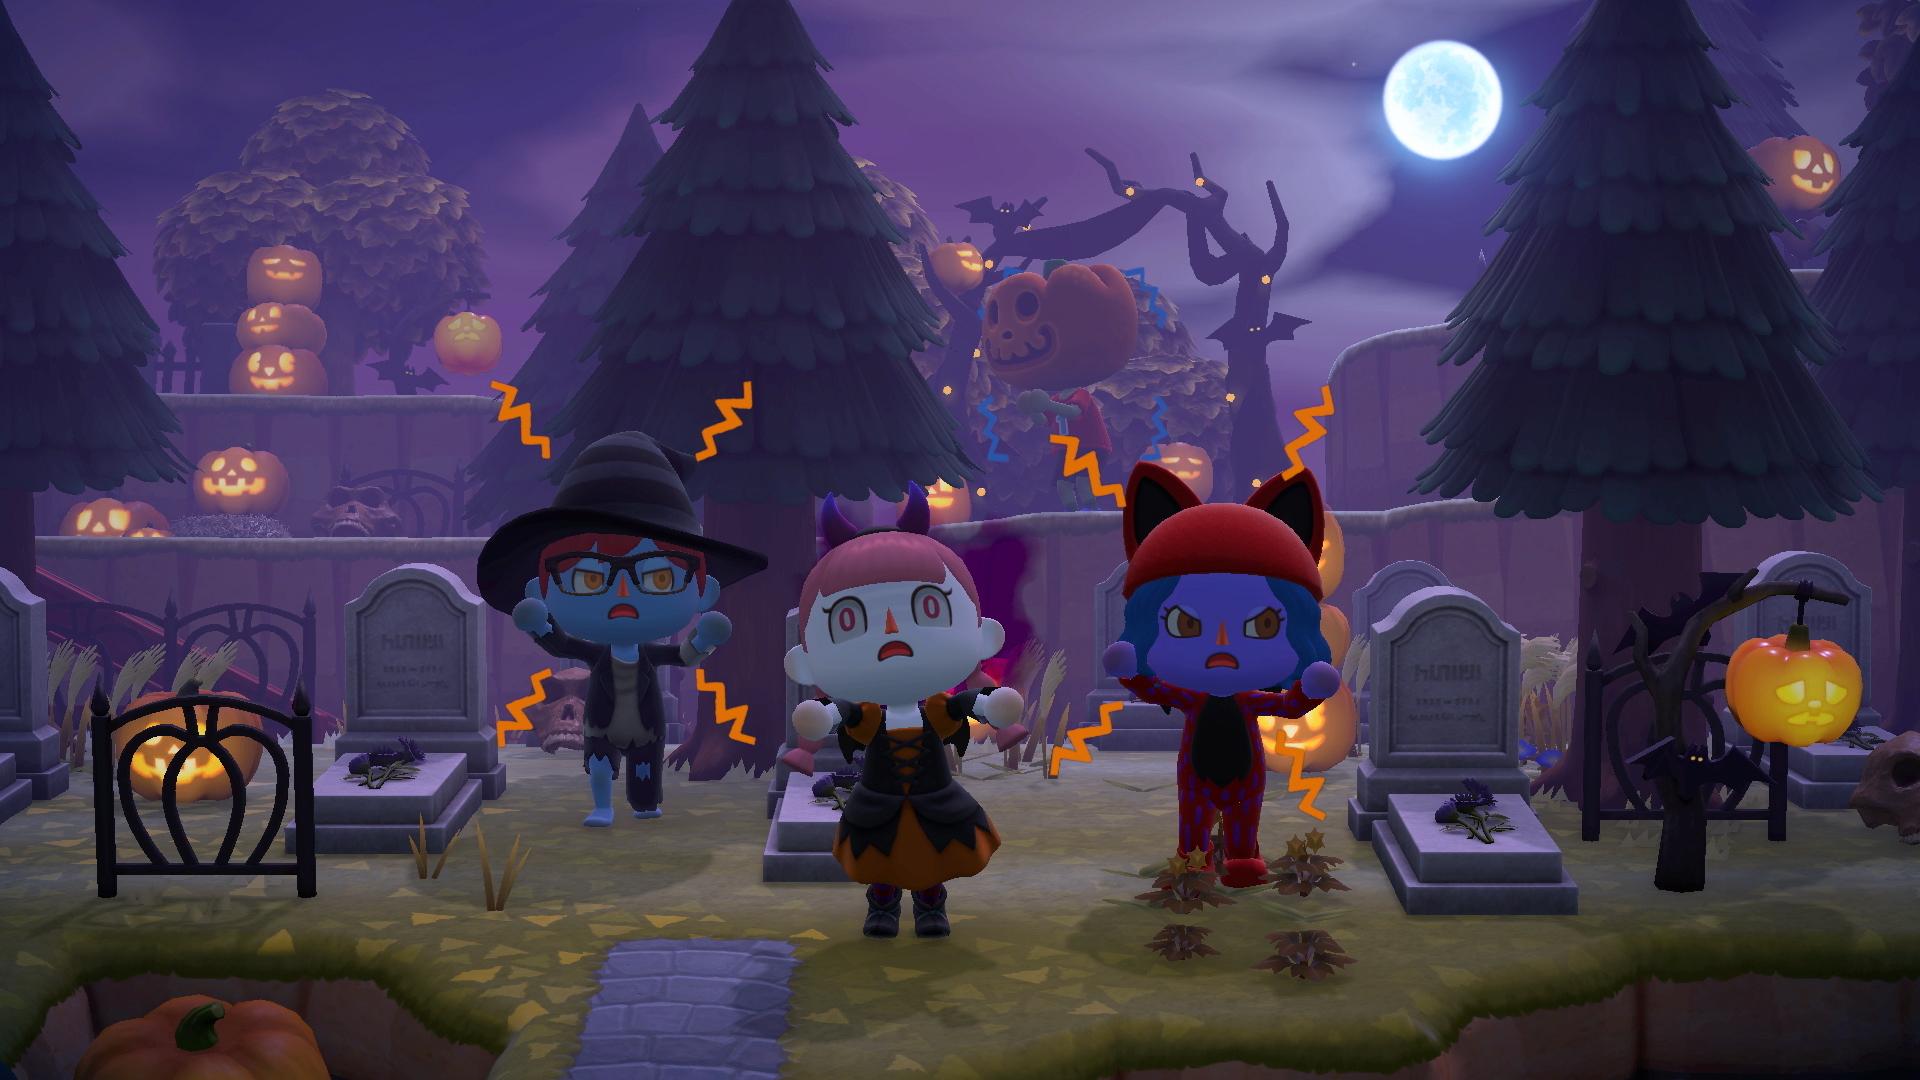 Бесплатное обновление для Animal Crossing: New Horizons выйдет 30 сентября!